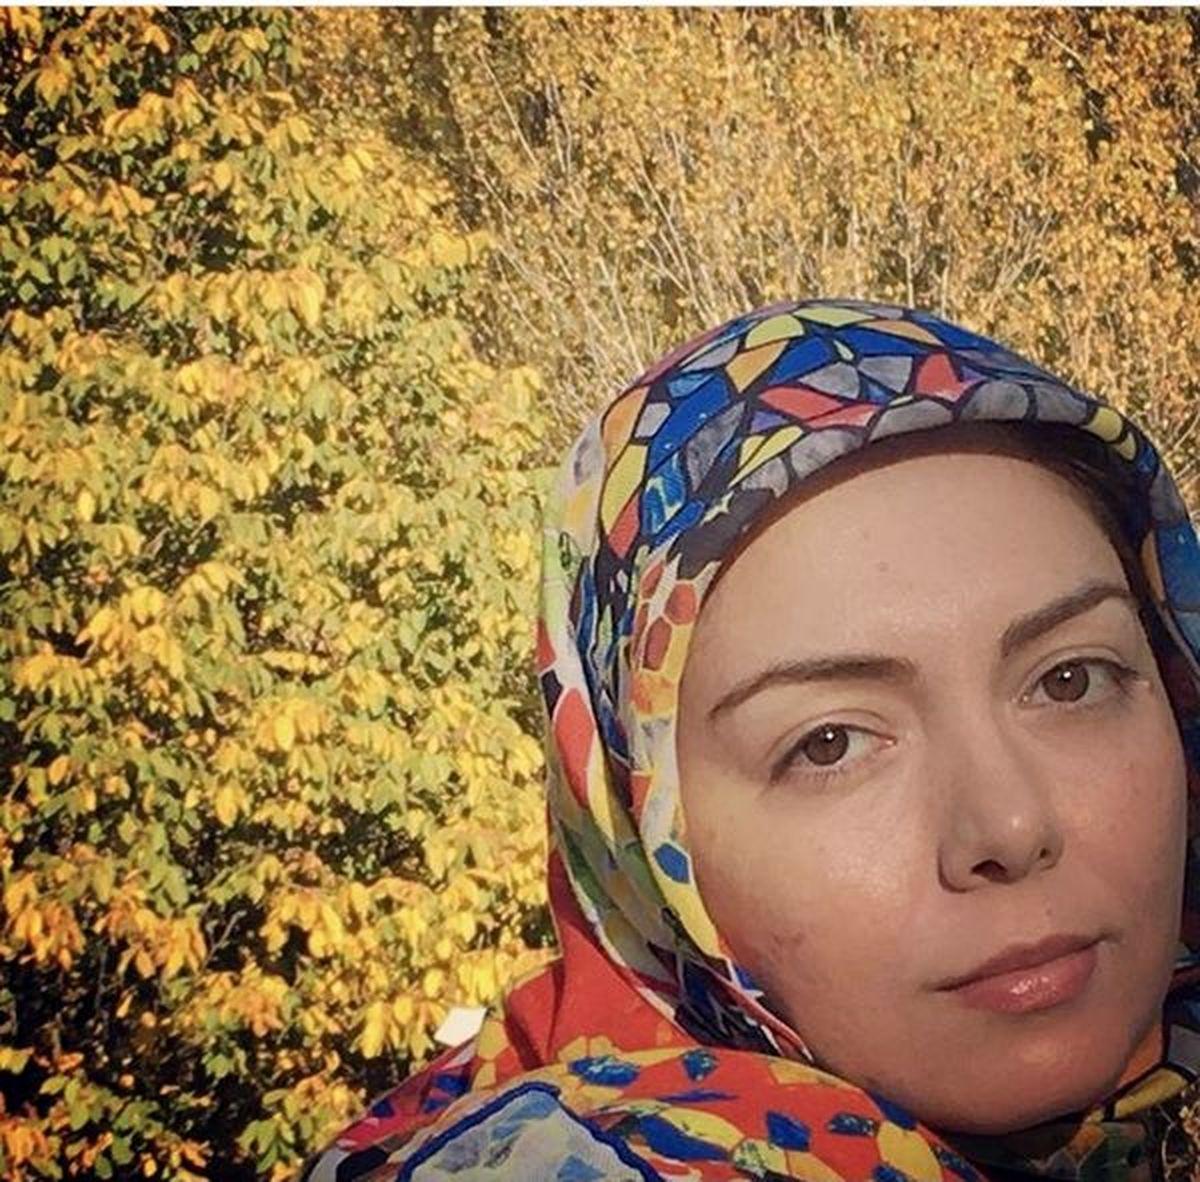 آزاده نامداری در یک روز پاییزی +تصاویر دیده نشده